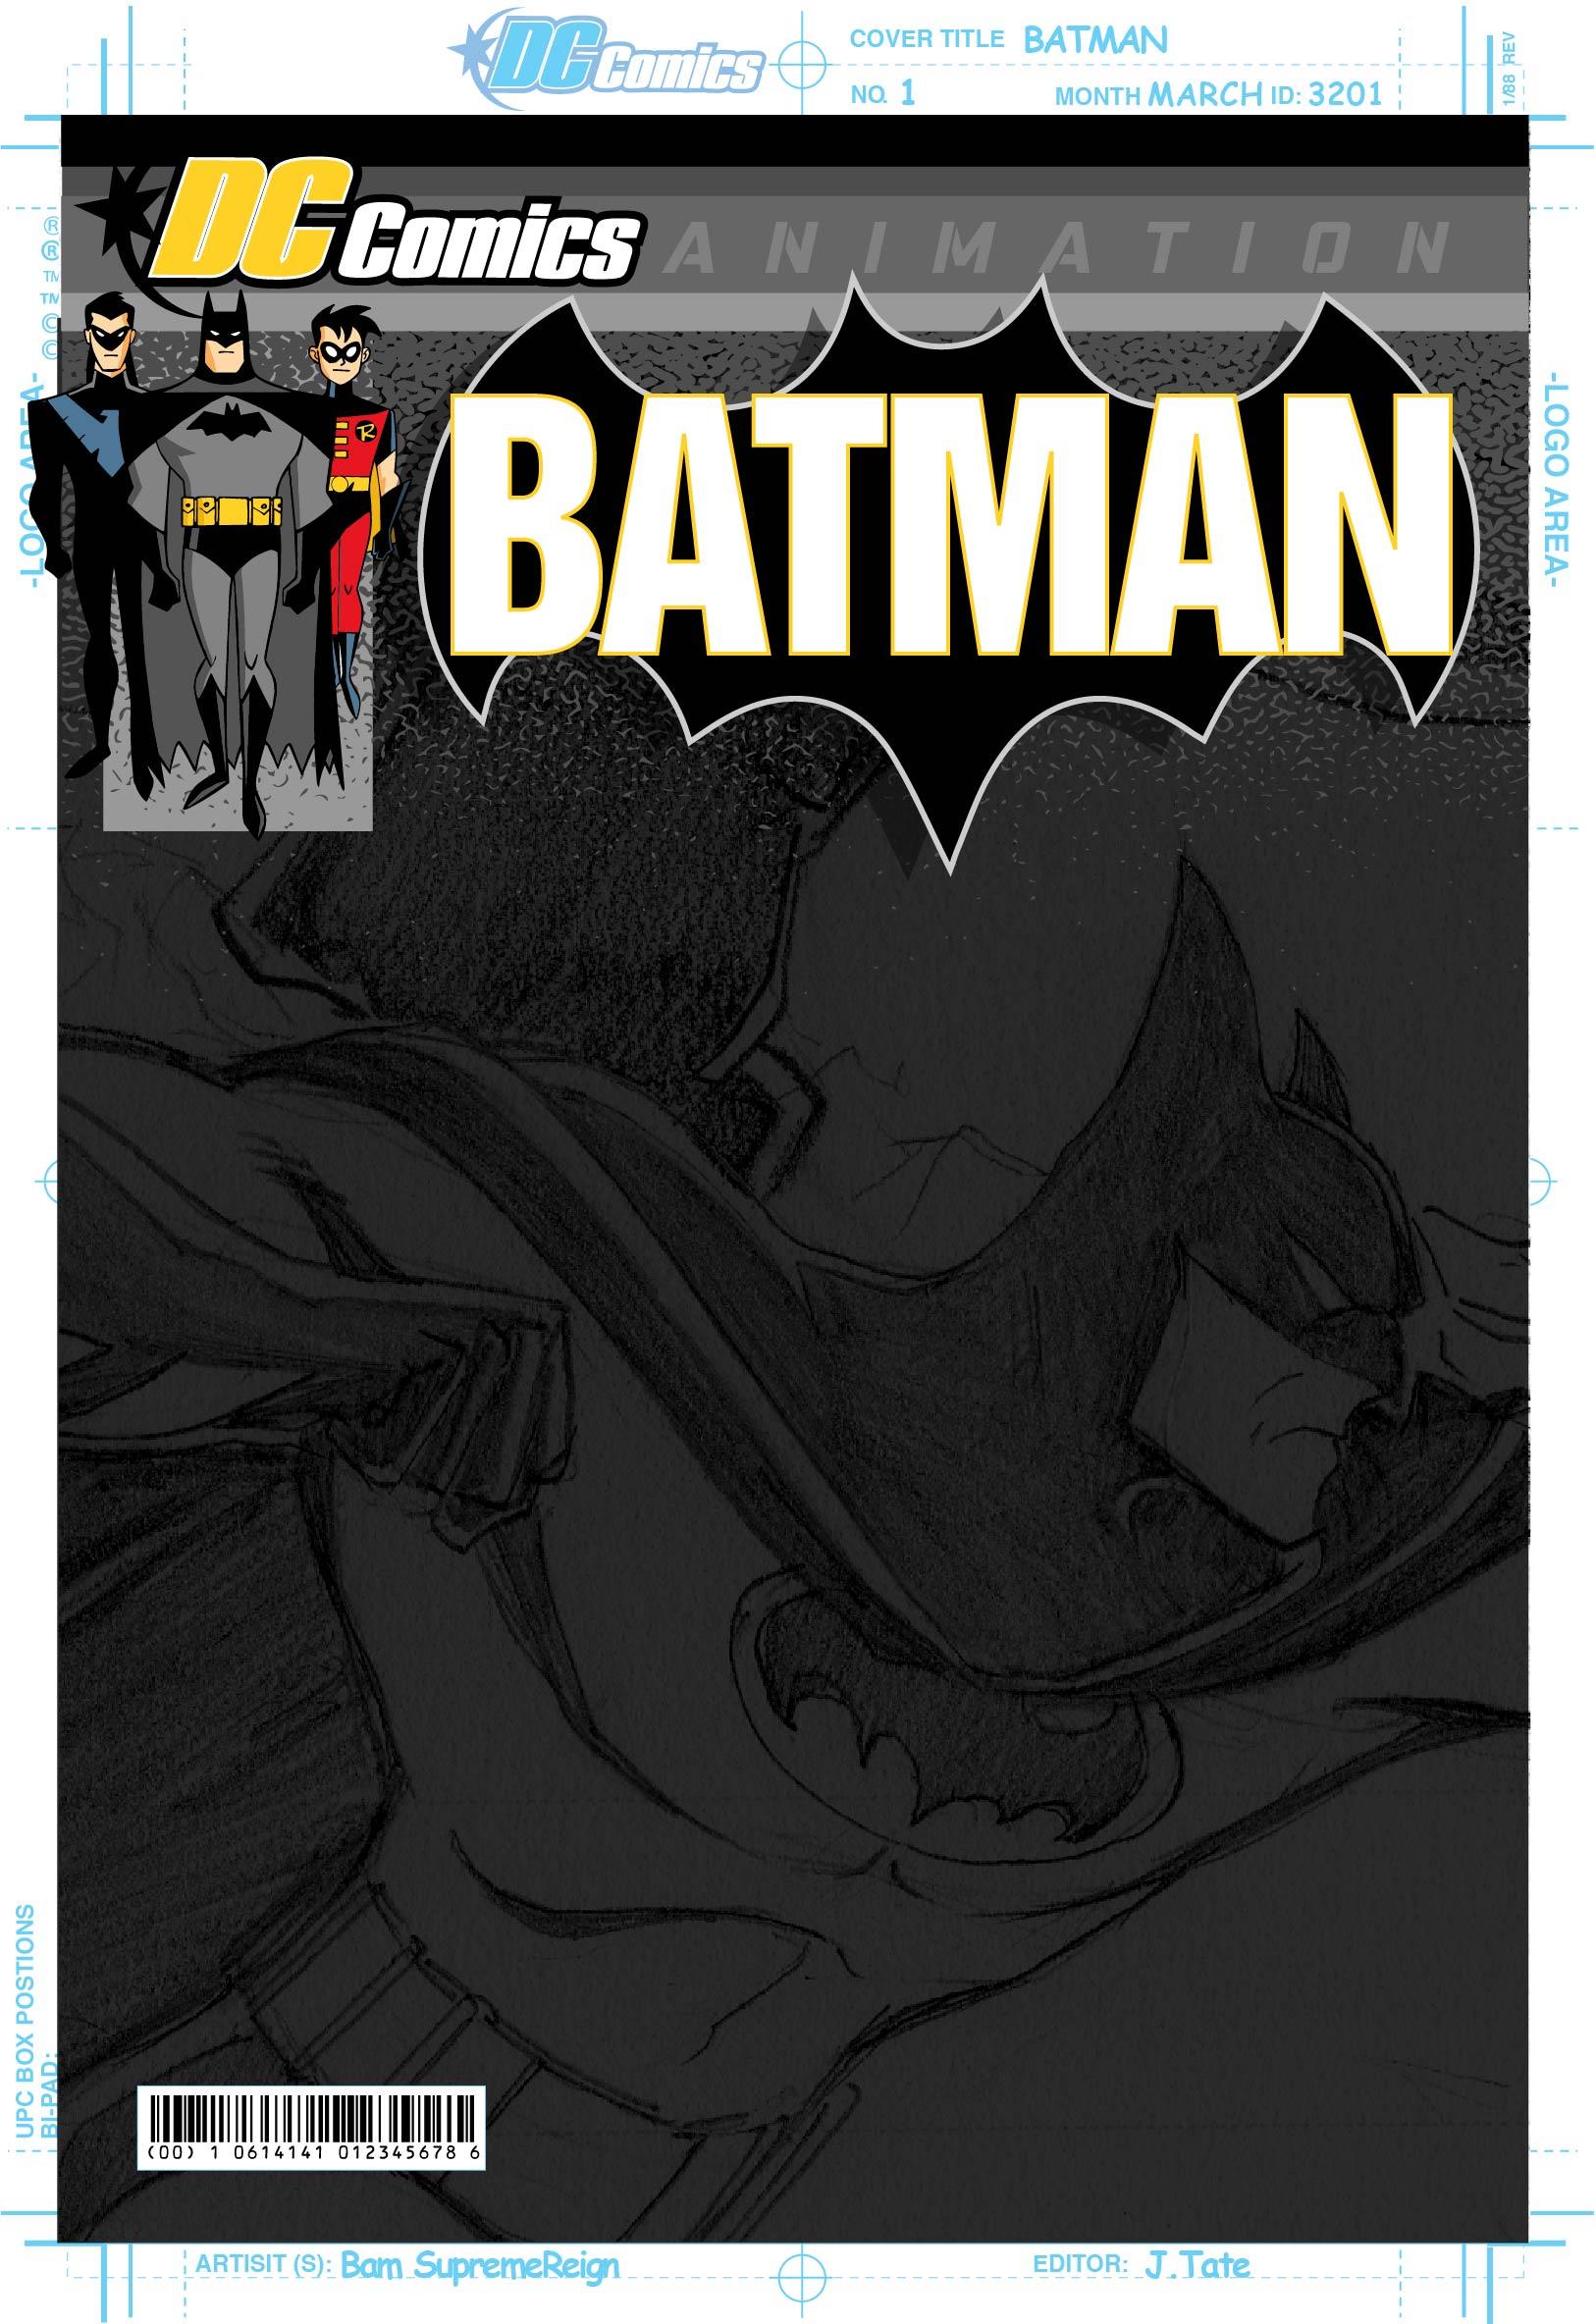 batman1 cover@2x-50.jpg